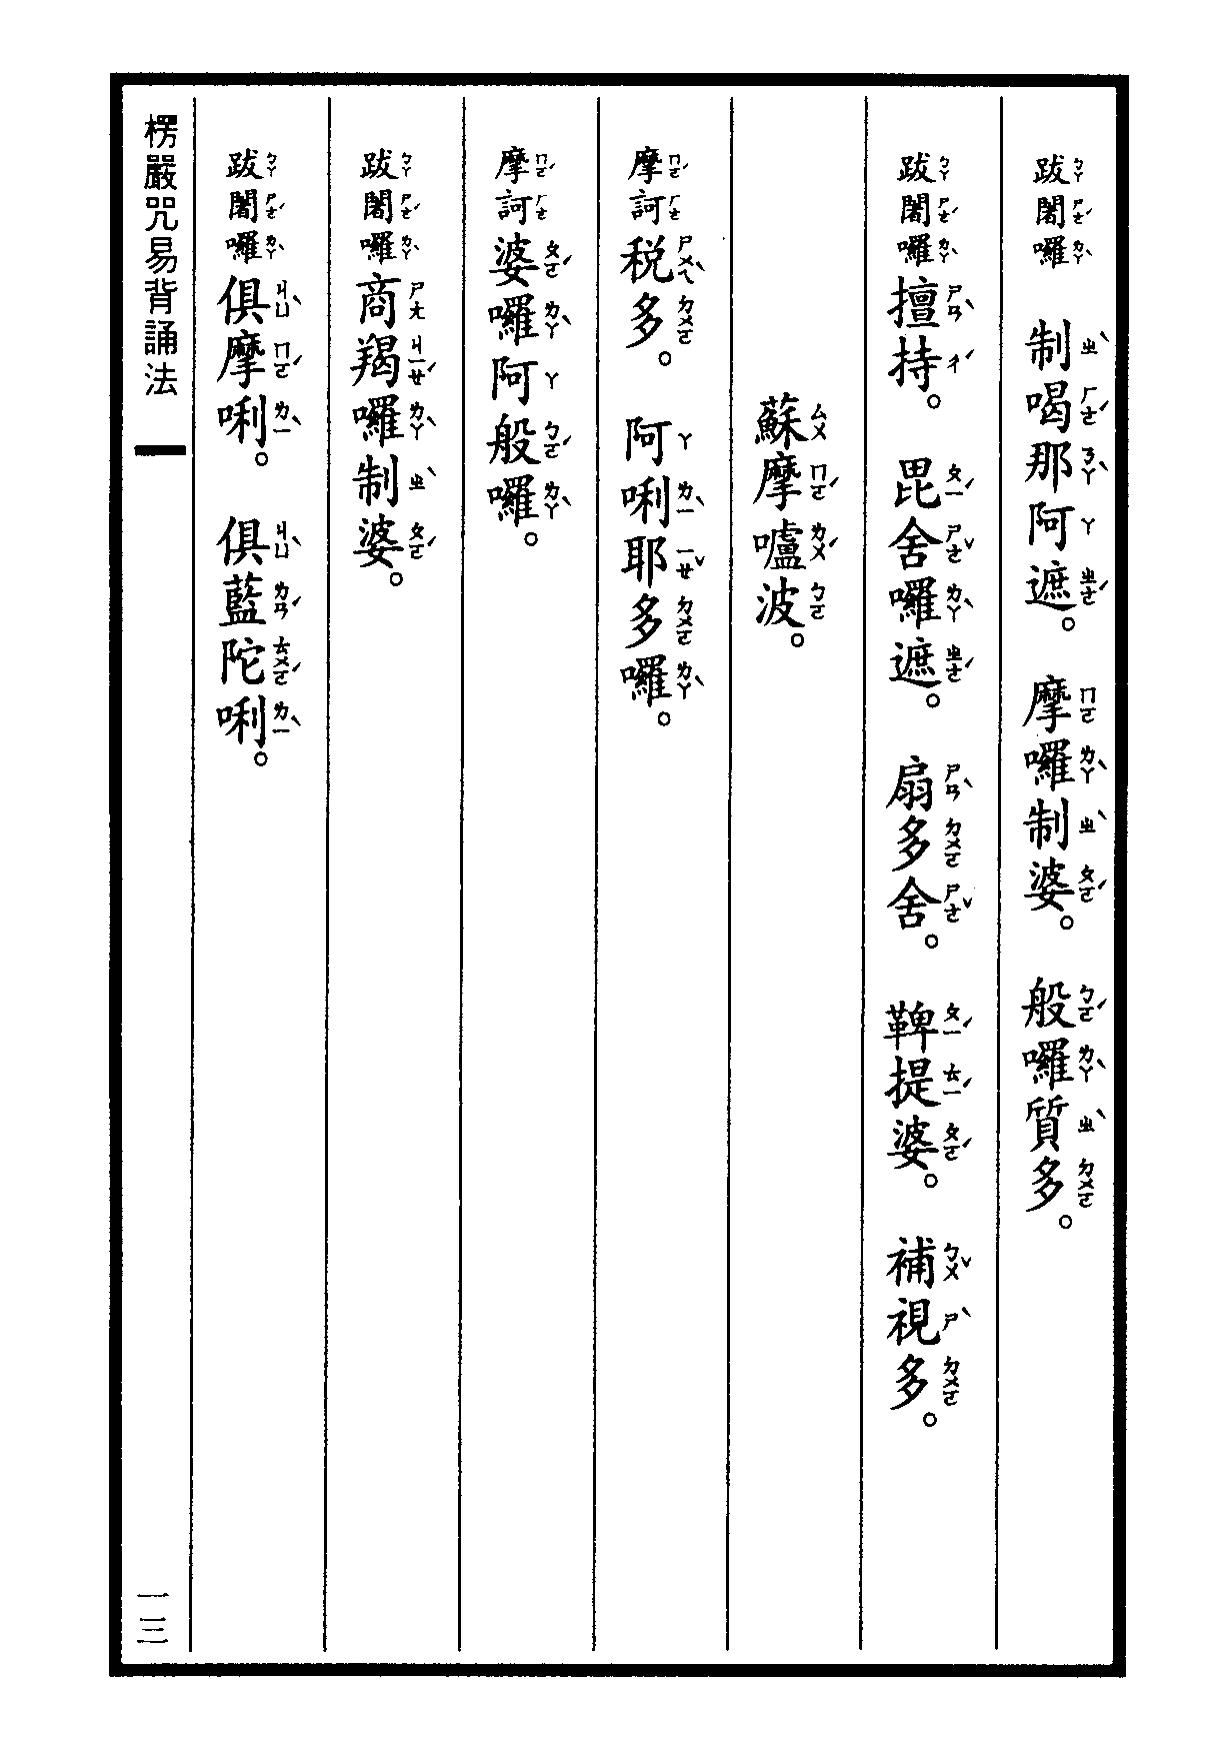 楞嚴咒-大悲咒-十小咒-易背本 19.png